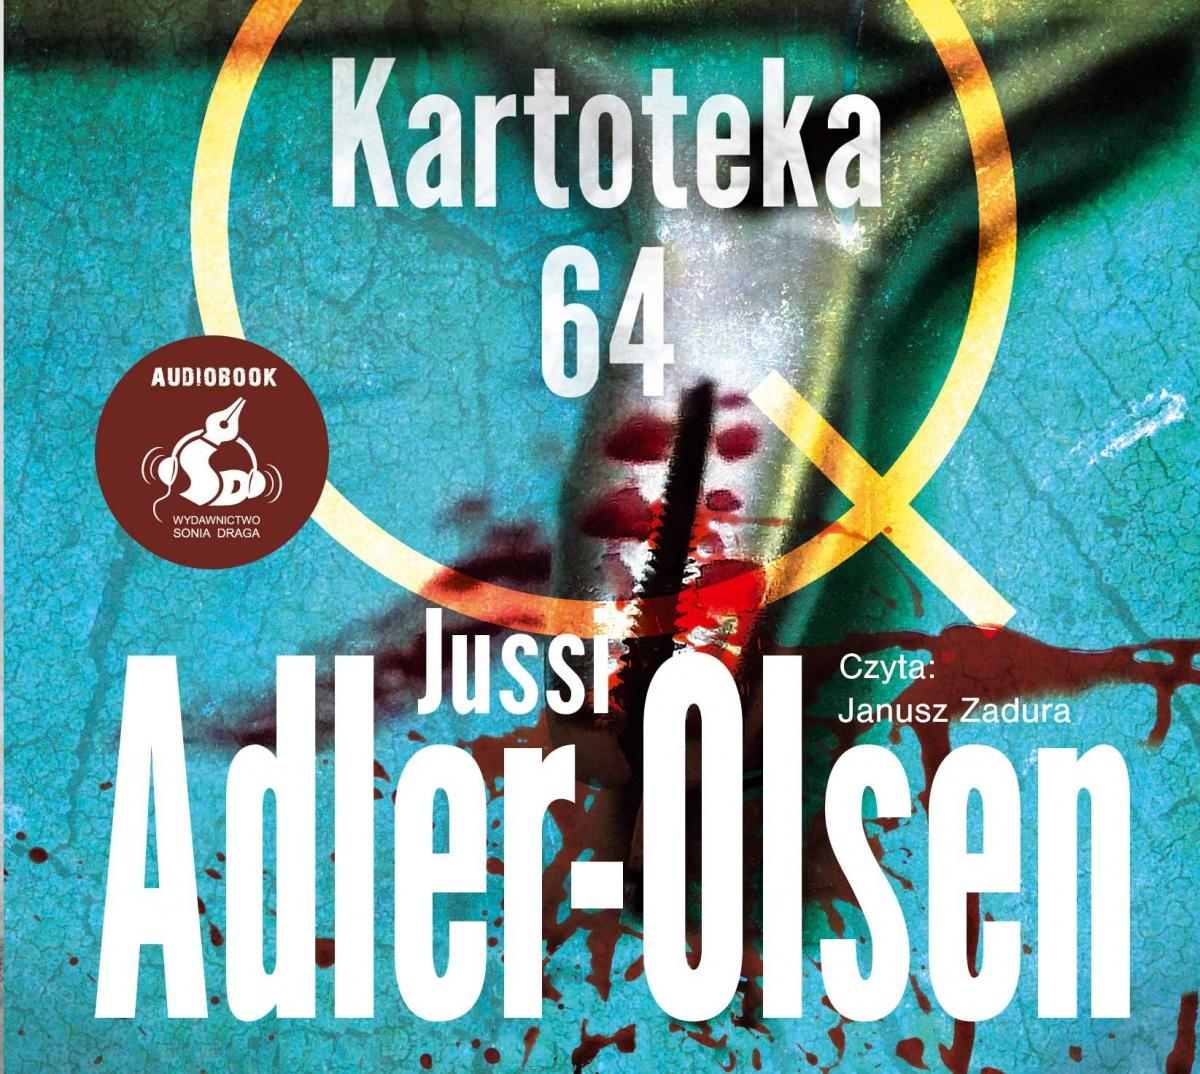 ADLER-OLSEN JUSSI – DEPARTAMENT Q 4. KARTOTEKA 64